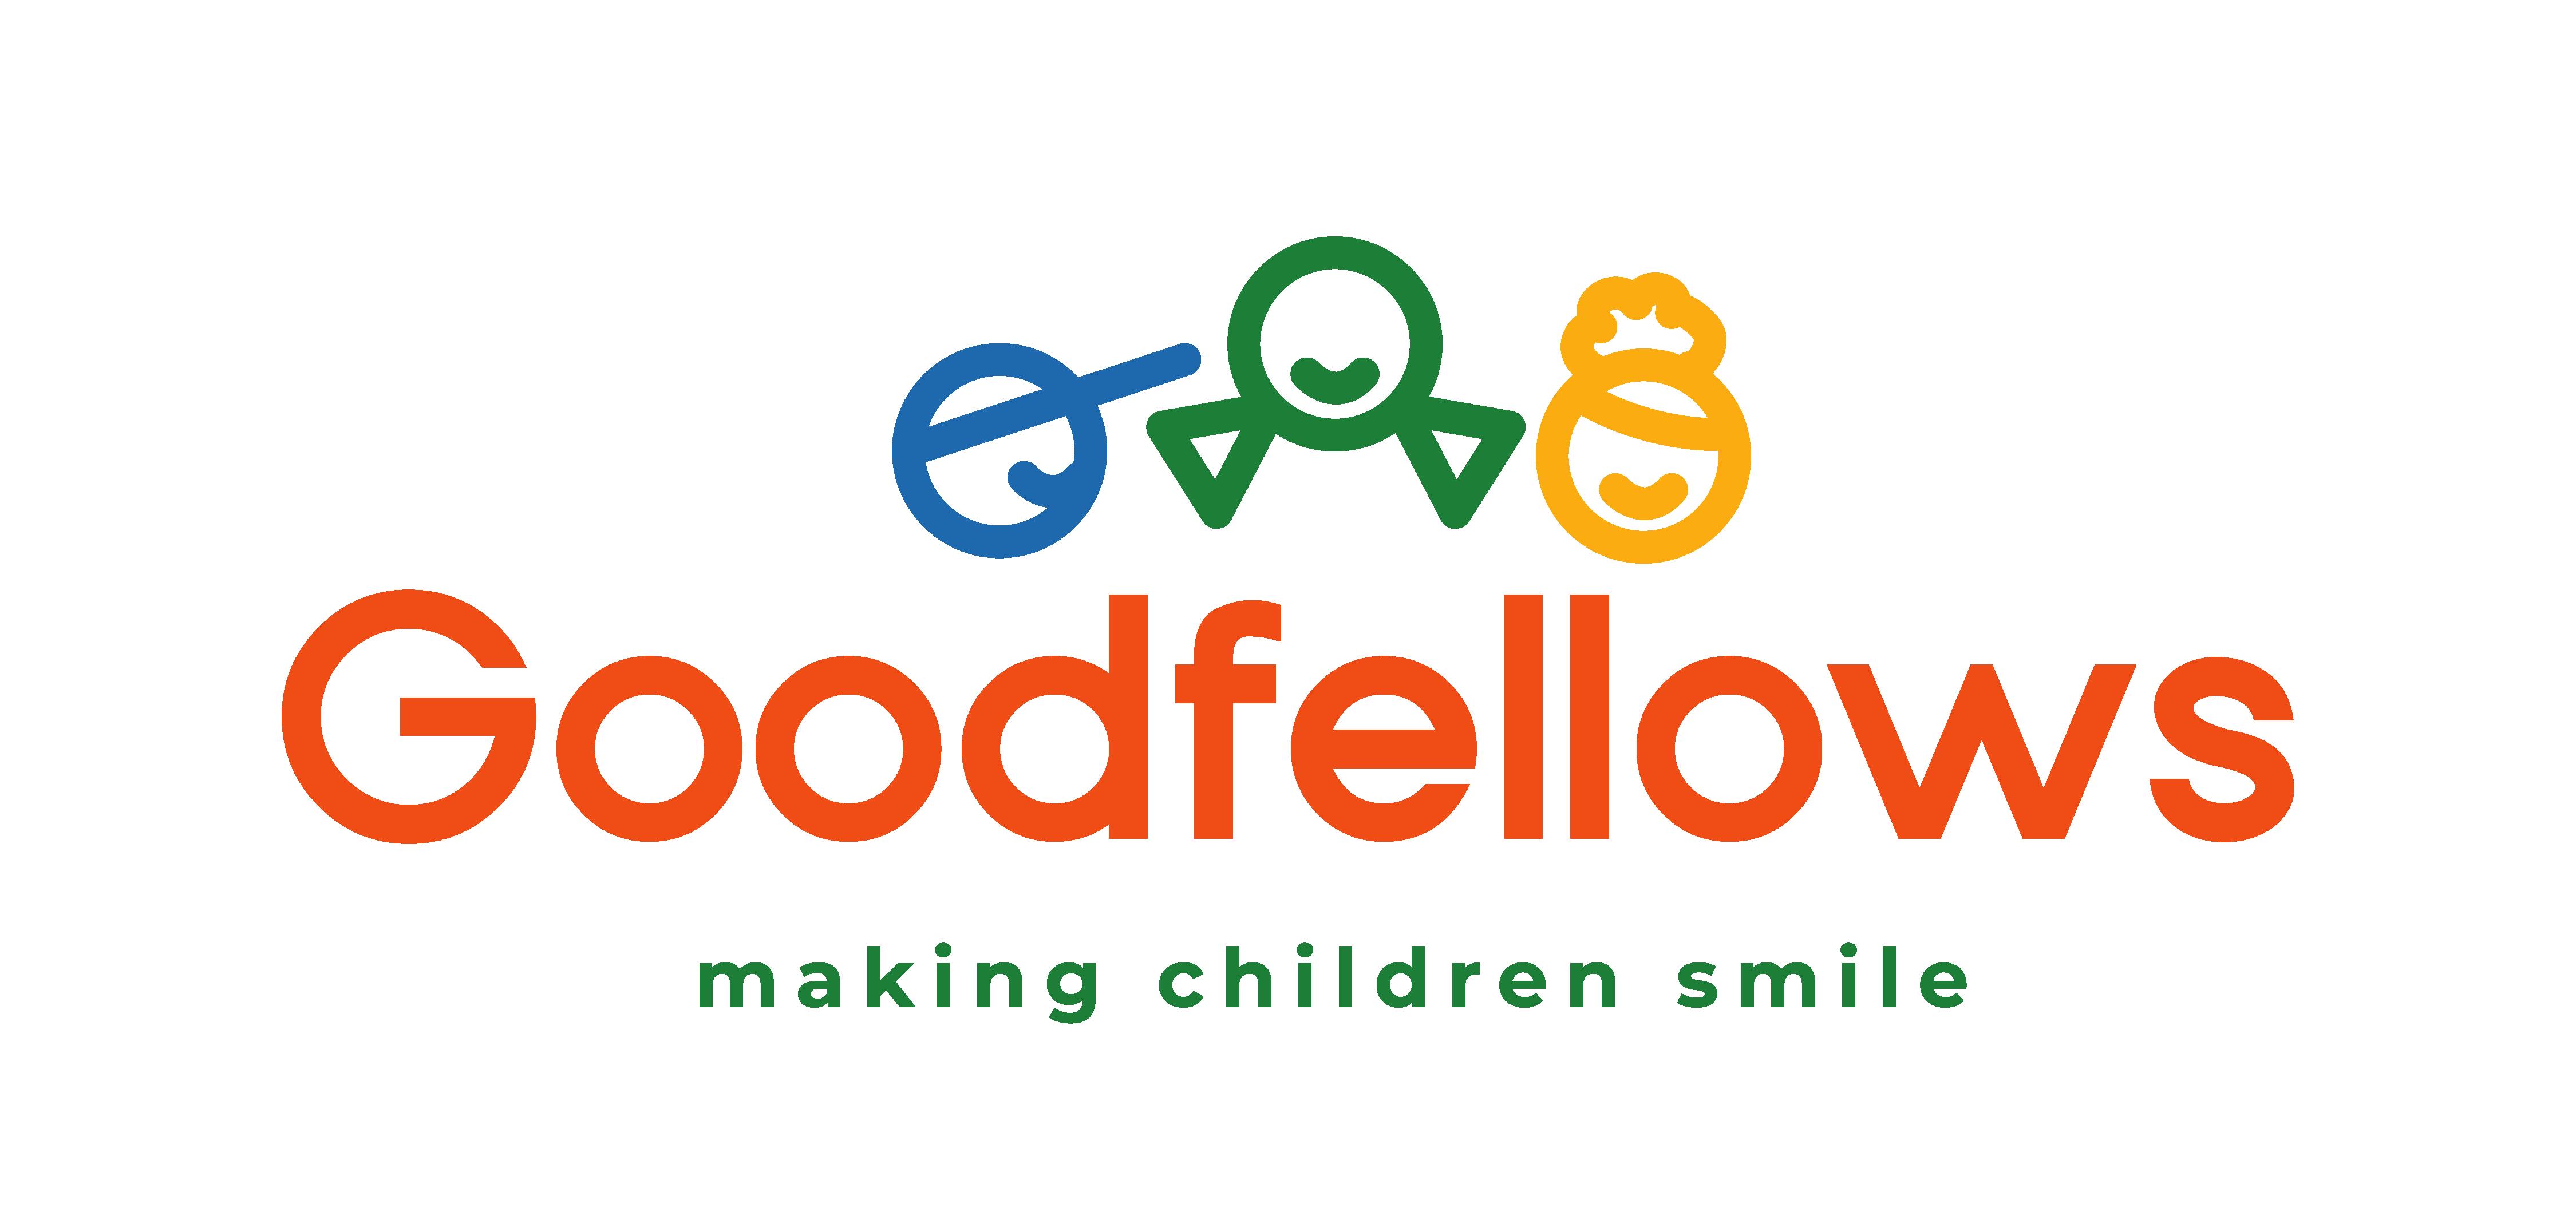 Goodfellows of Kokomo